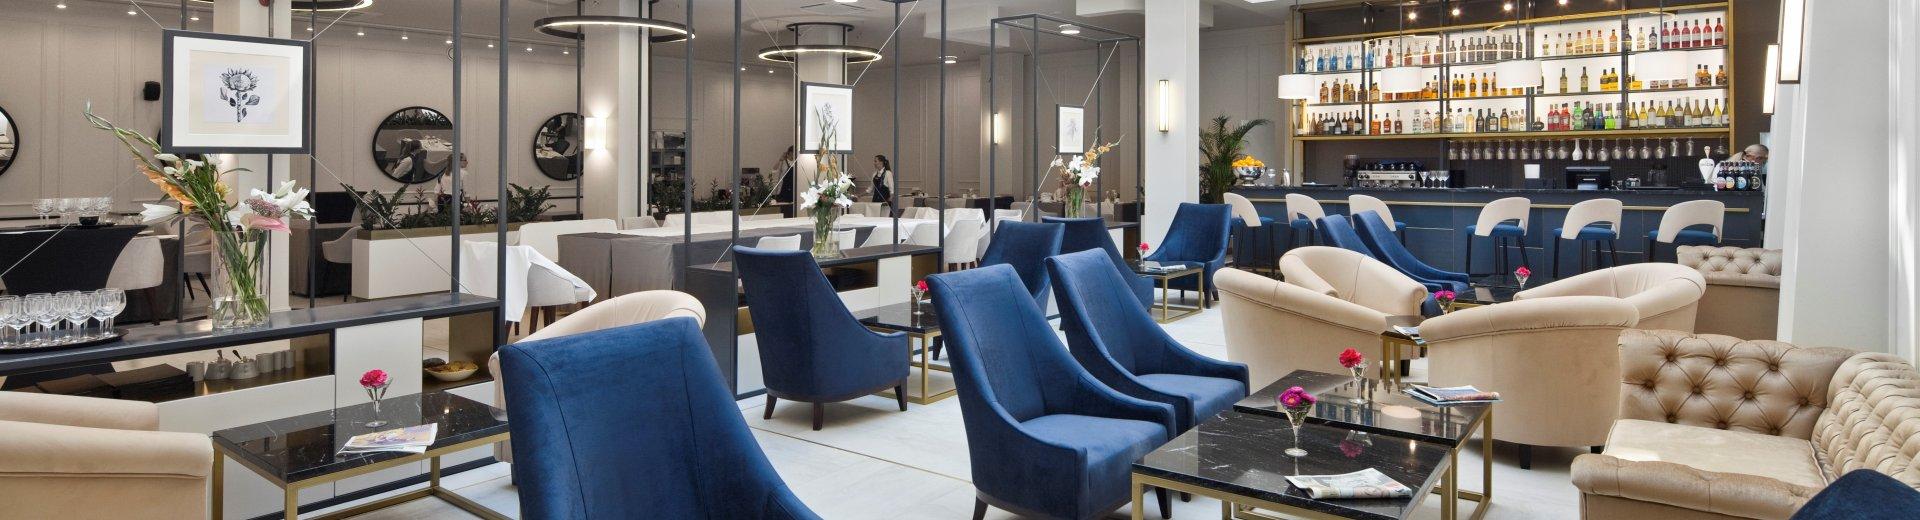 Poznaj restauracje w sieci Dobry Hotel